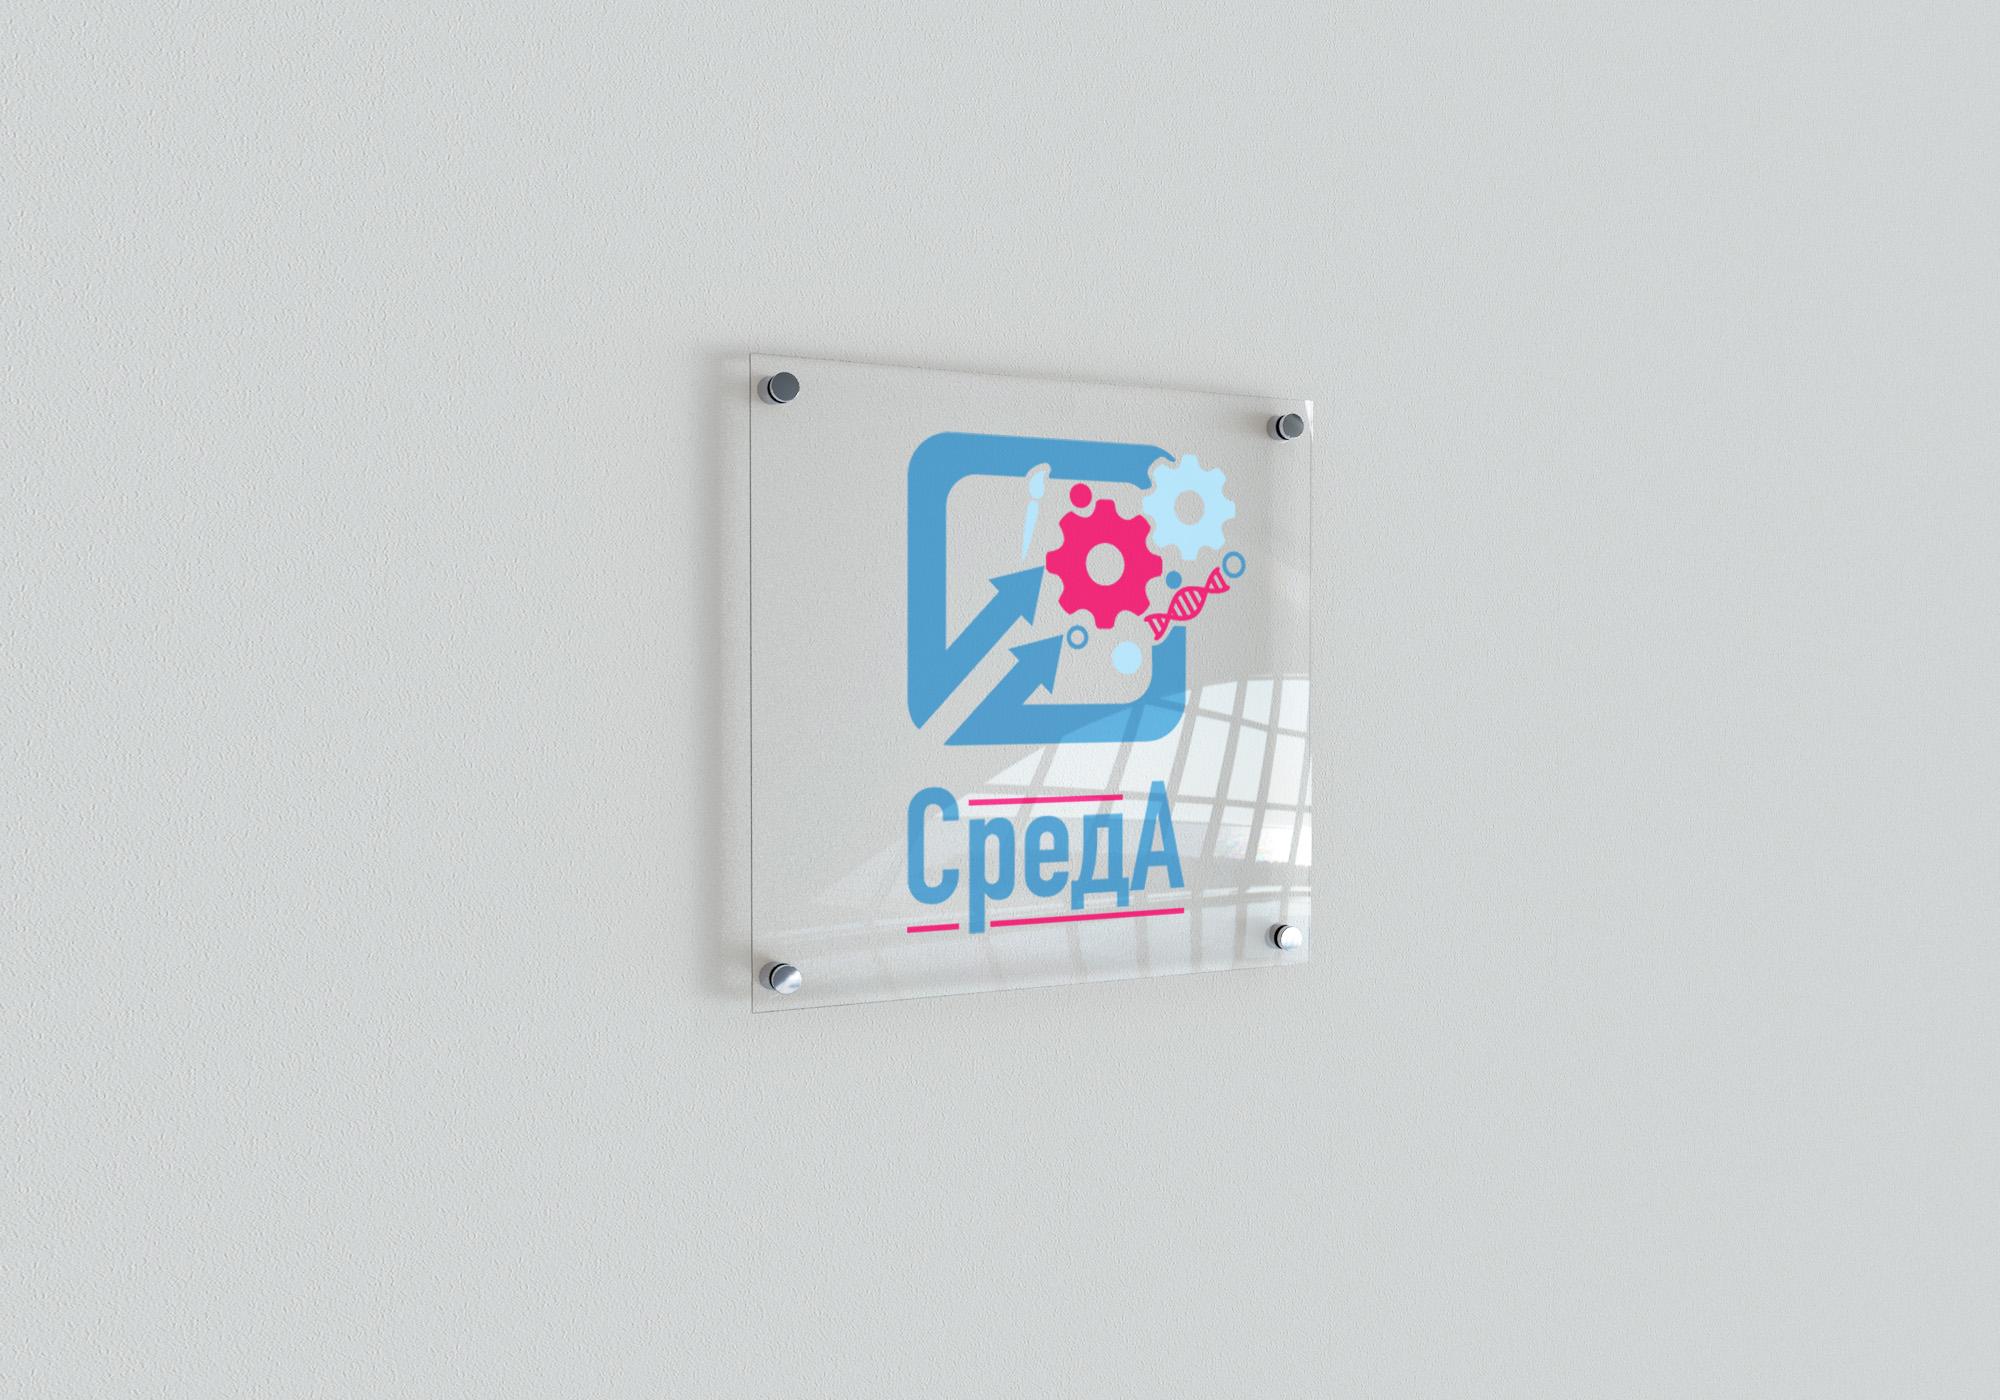 Разработка логотипа для творческого портала фото f_3475b597b5f95c40.jpg